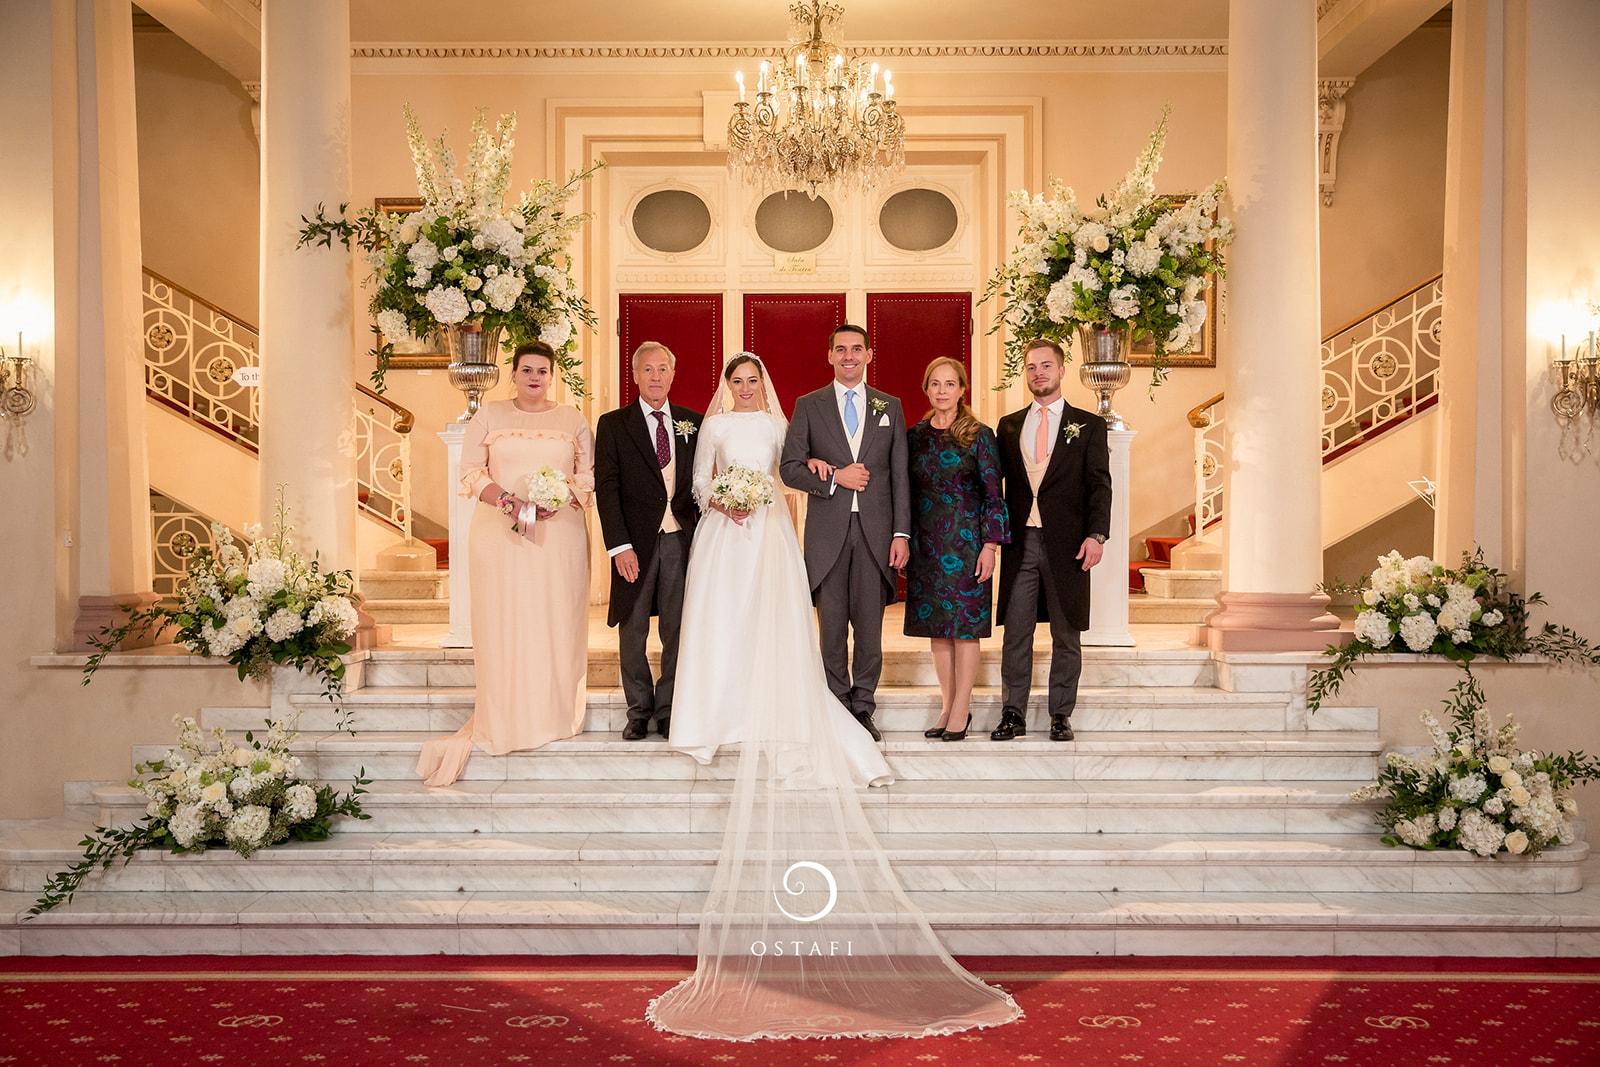 Primele Fotografii Oficiale De La Nunta Fostului Principe Nicolae Cu